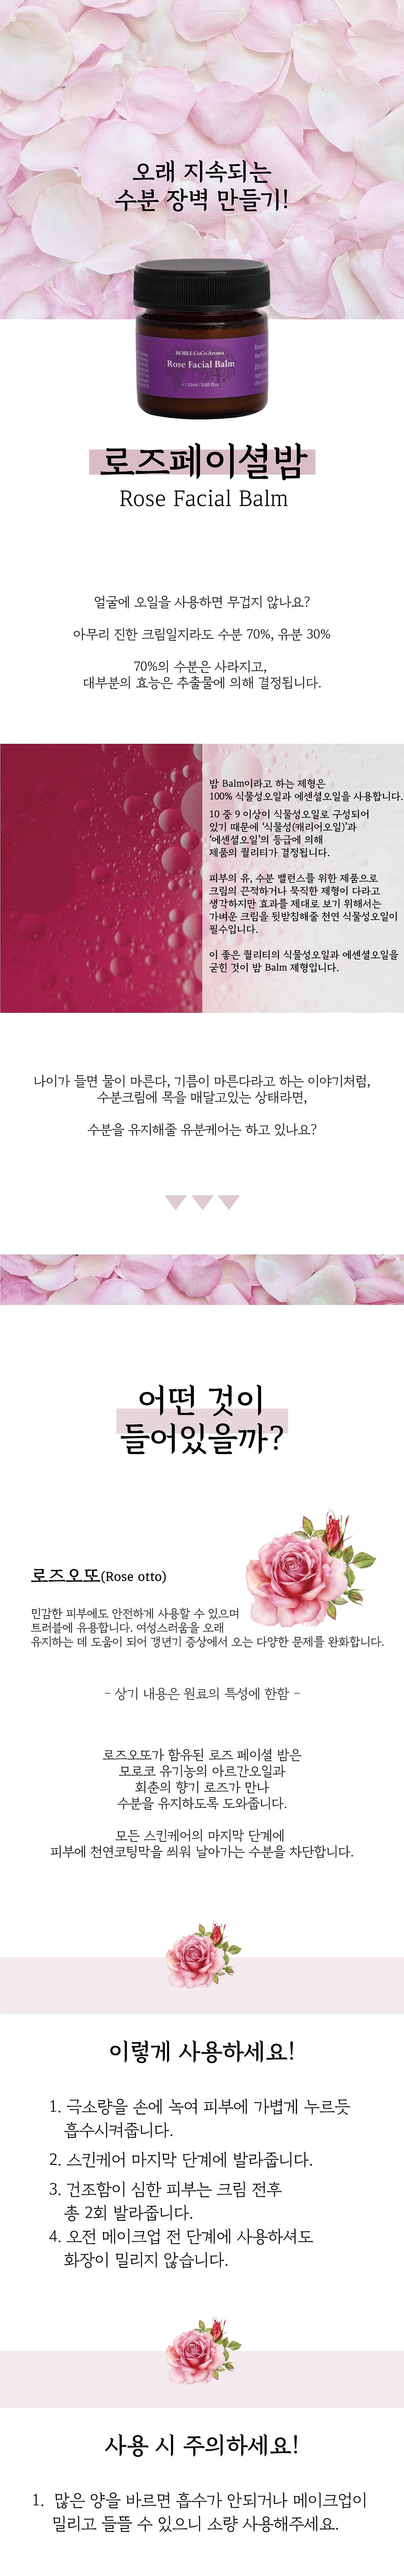 로즈페이셜밤-상세.png